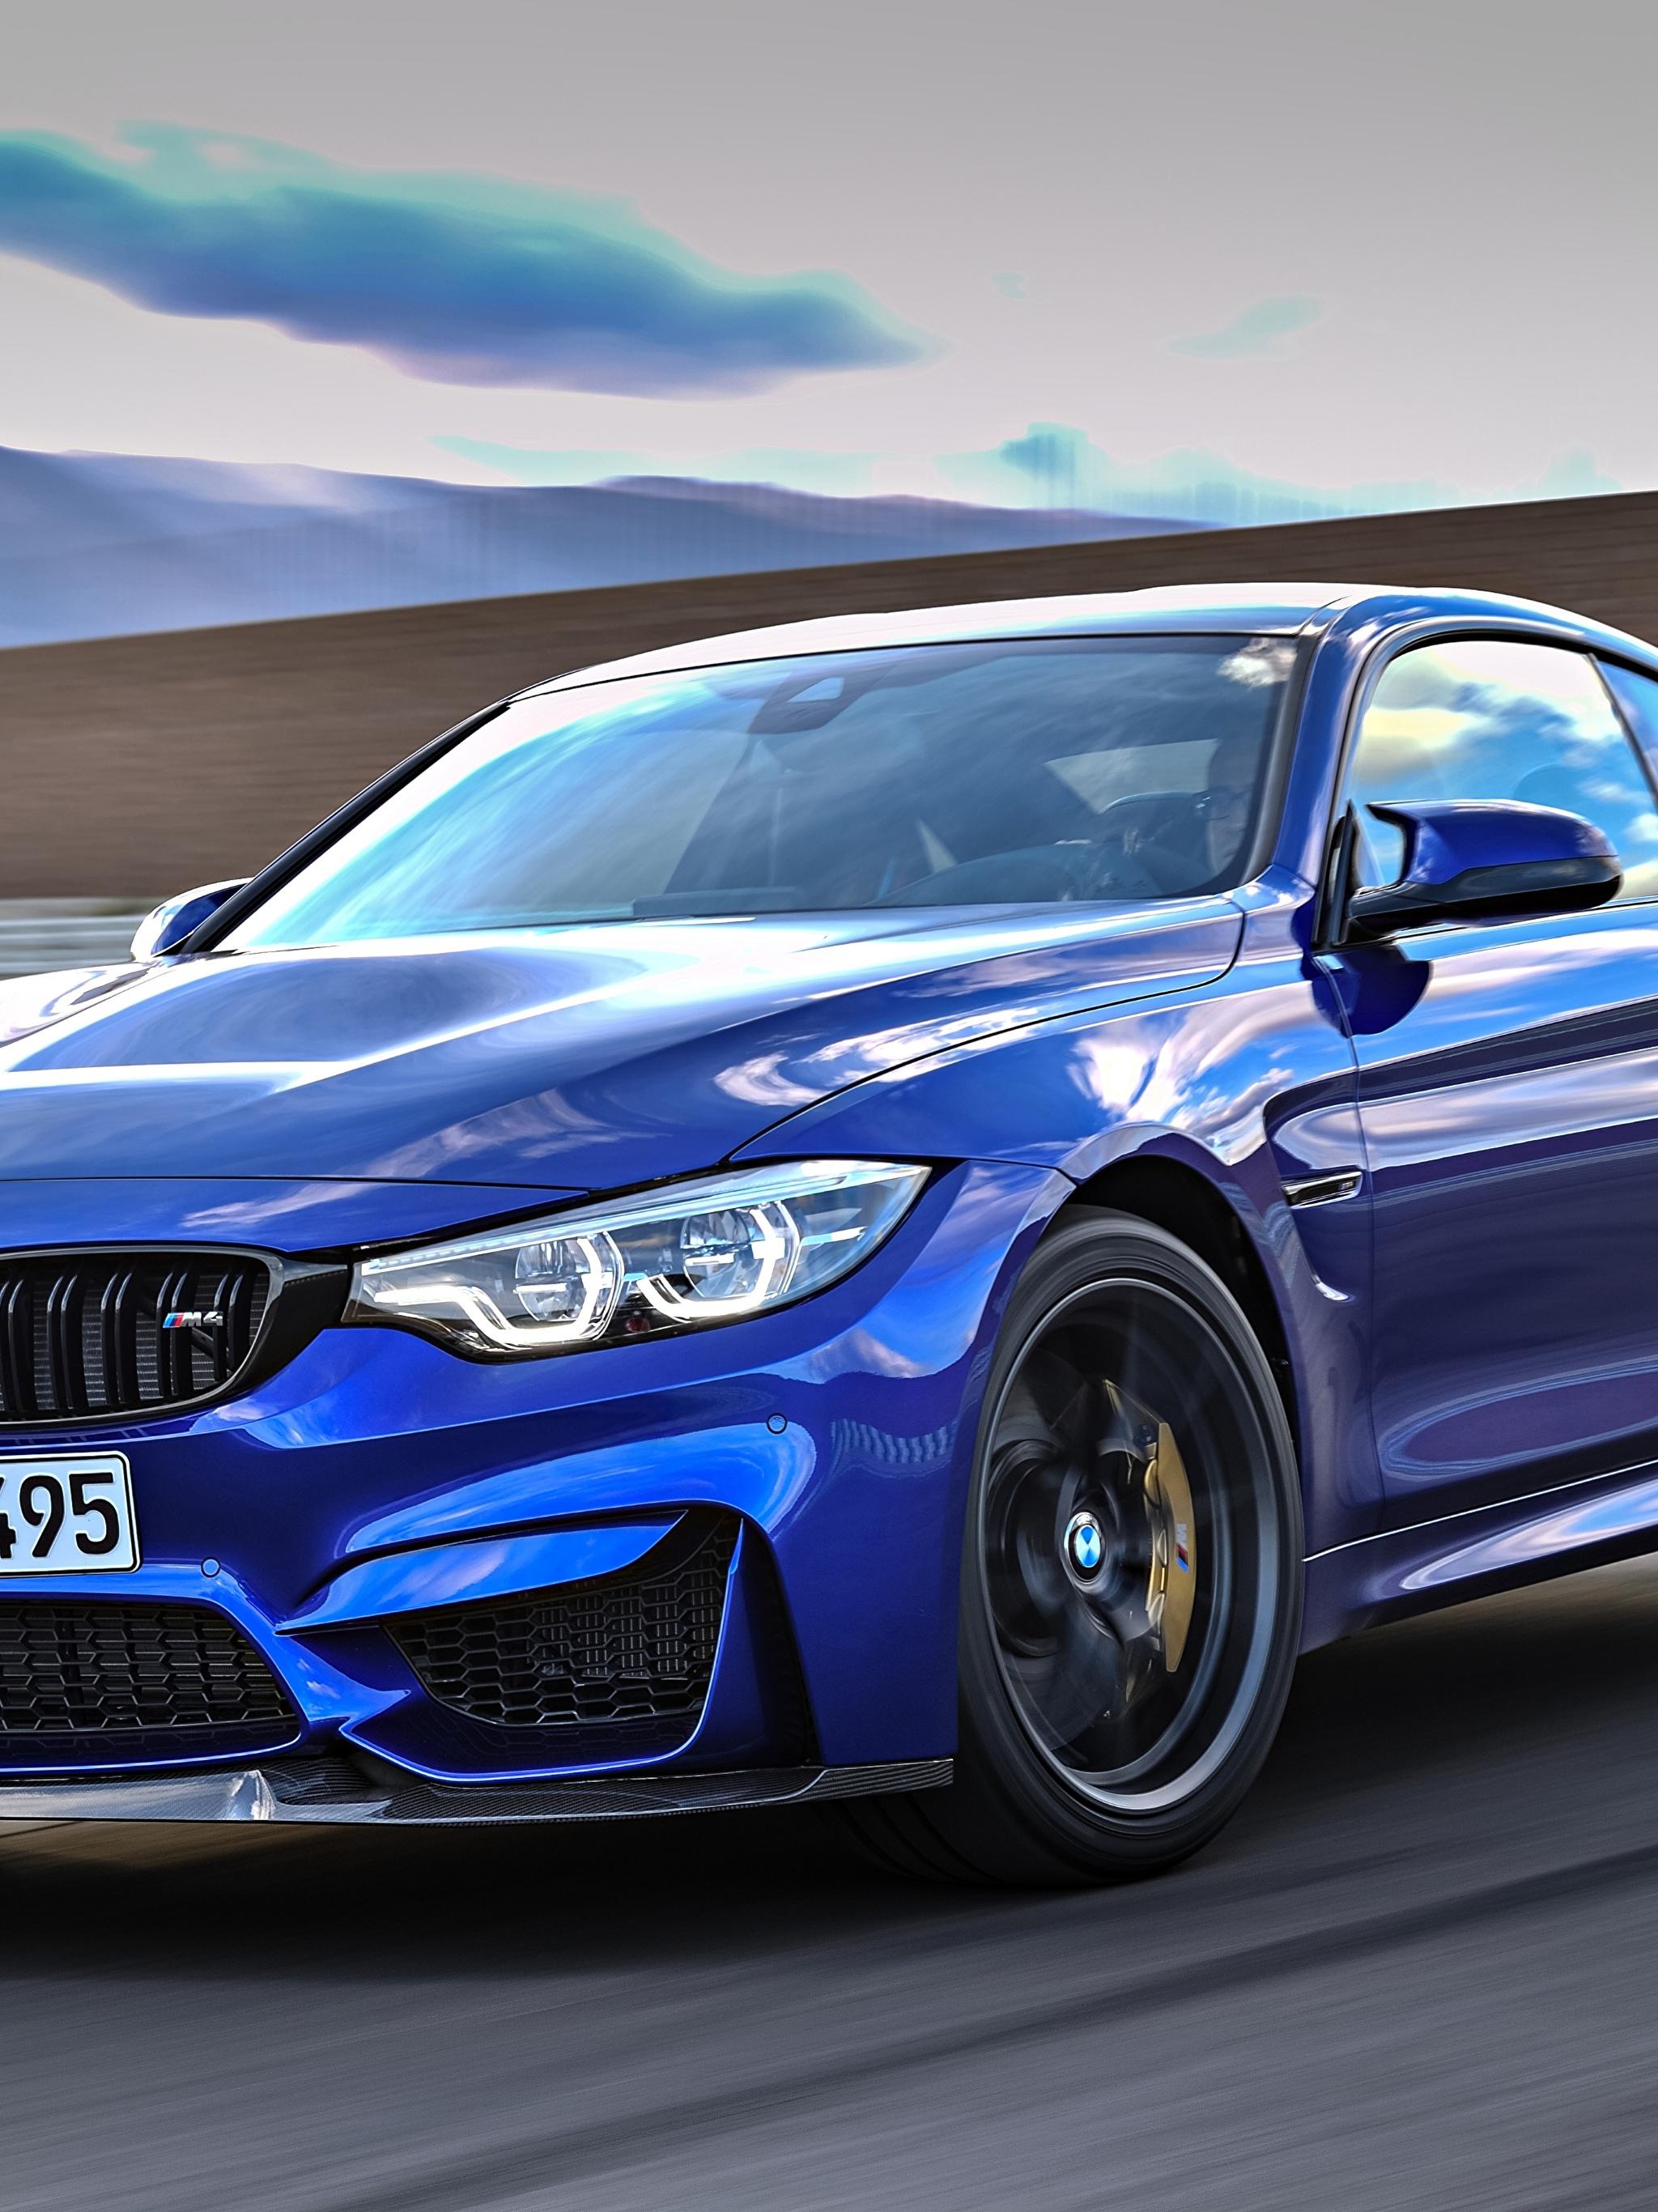 Фотографии BMW 2017 M4 CS Worldwide синяя Движение Авто Металлик 2048x2732 БМВ синих синие Синий едущий скорость Машины Автомобили